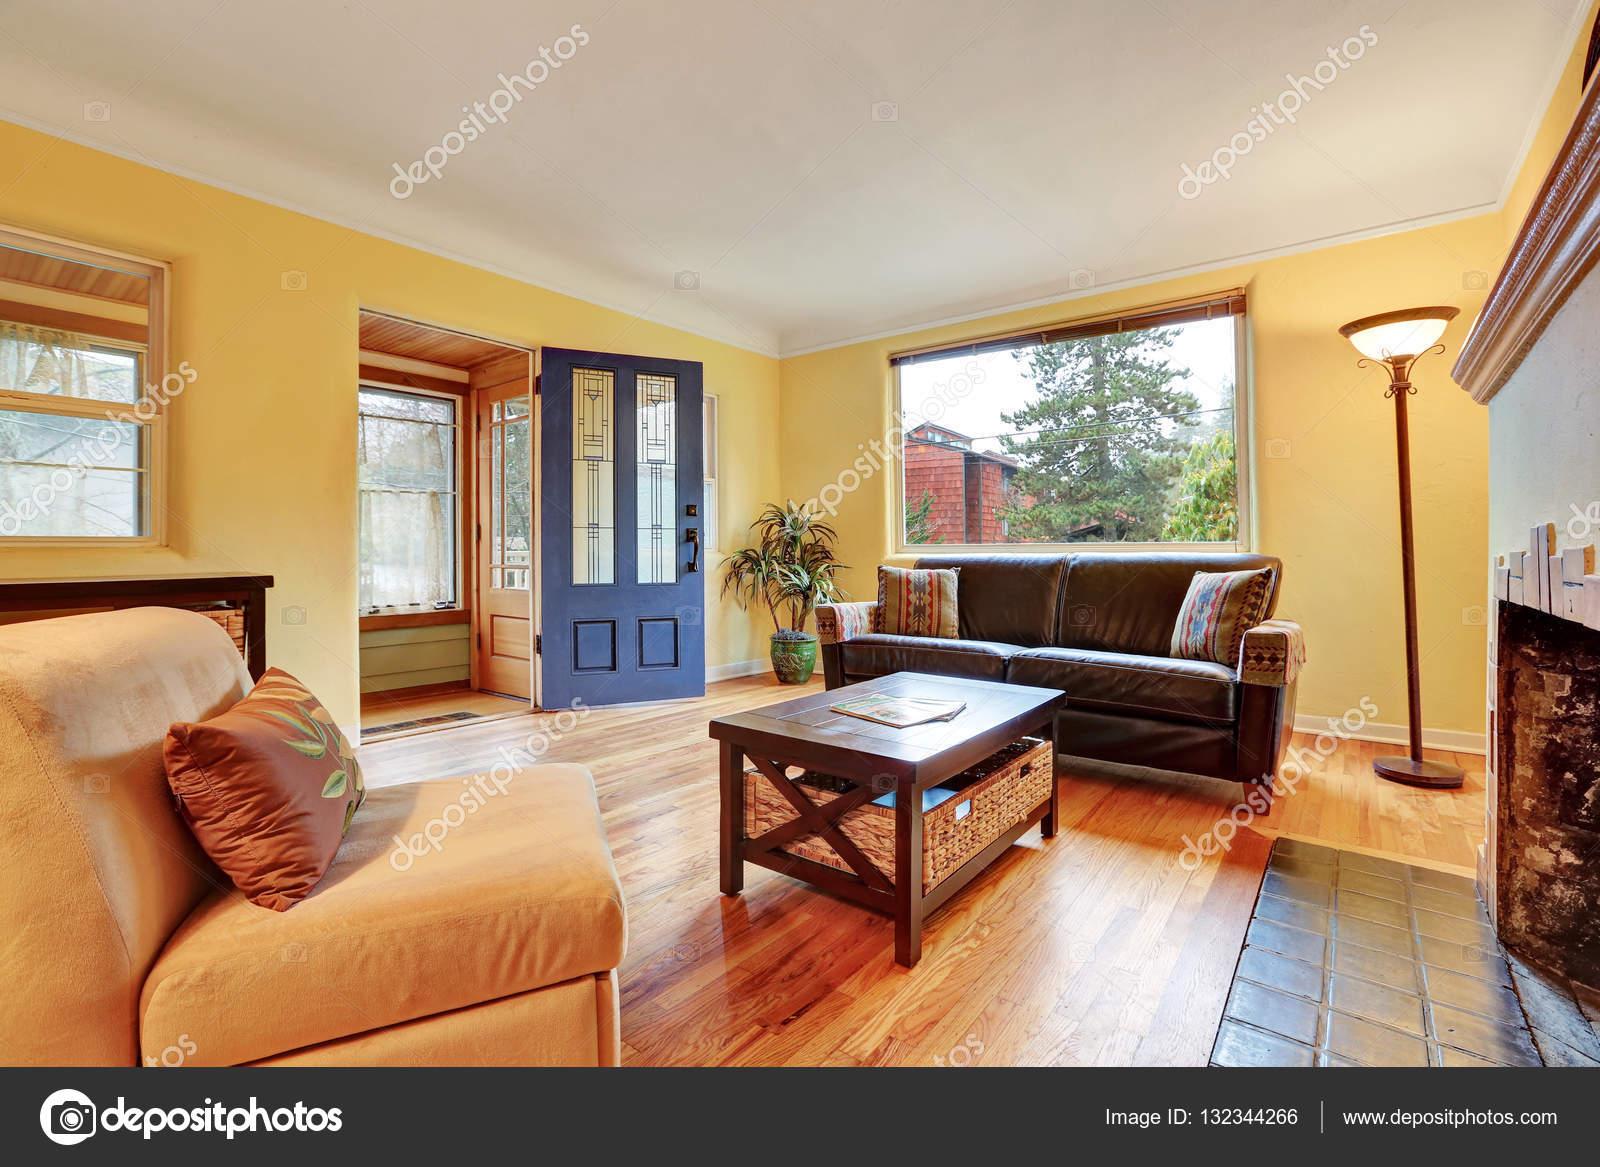 https://st3.depositphotos.com/1041088/13234/i/1600/depositphotos_132344266-stockafbeelding-gezellige-woonkamer-interieur-met-warme.jpg